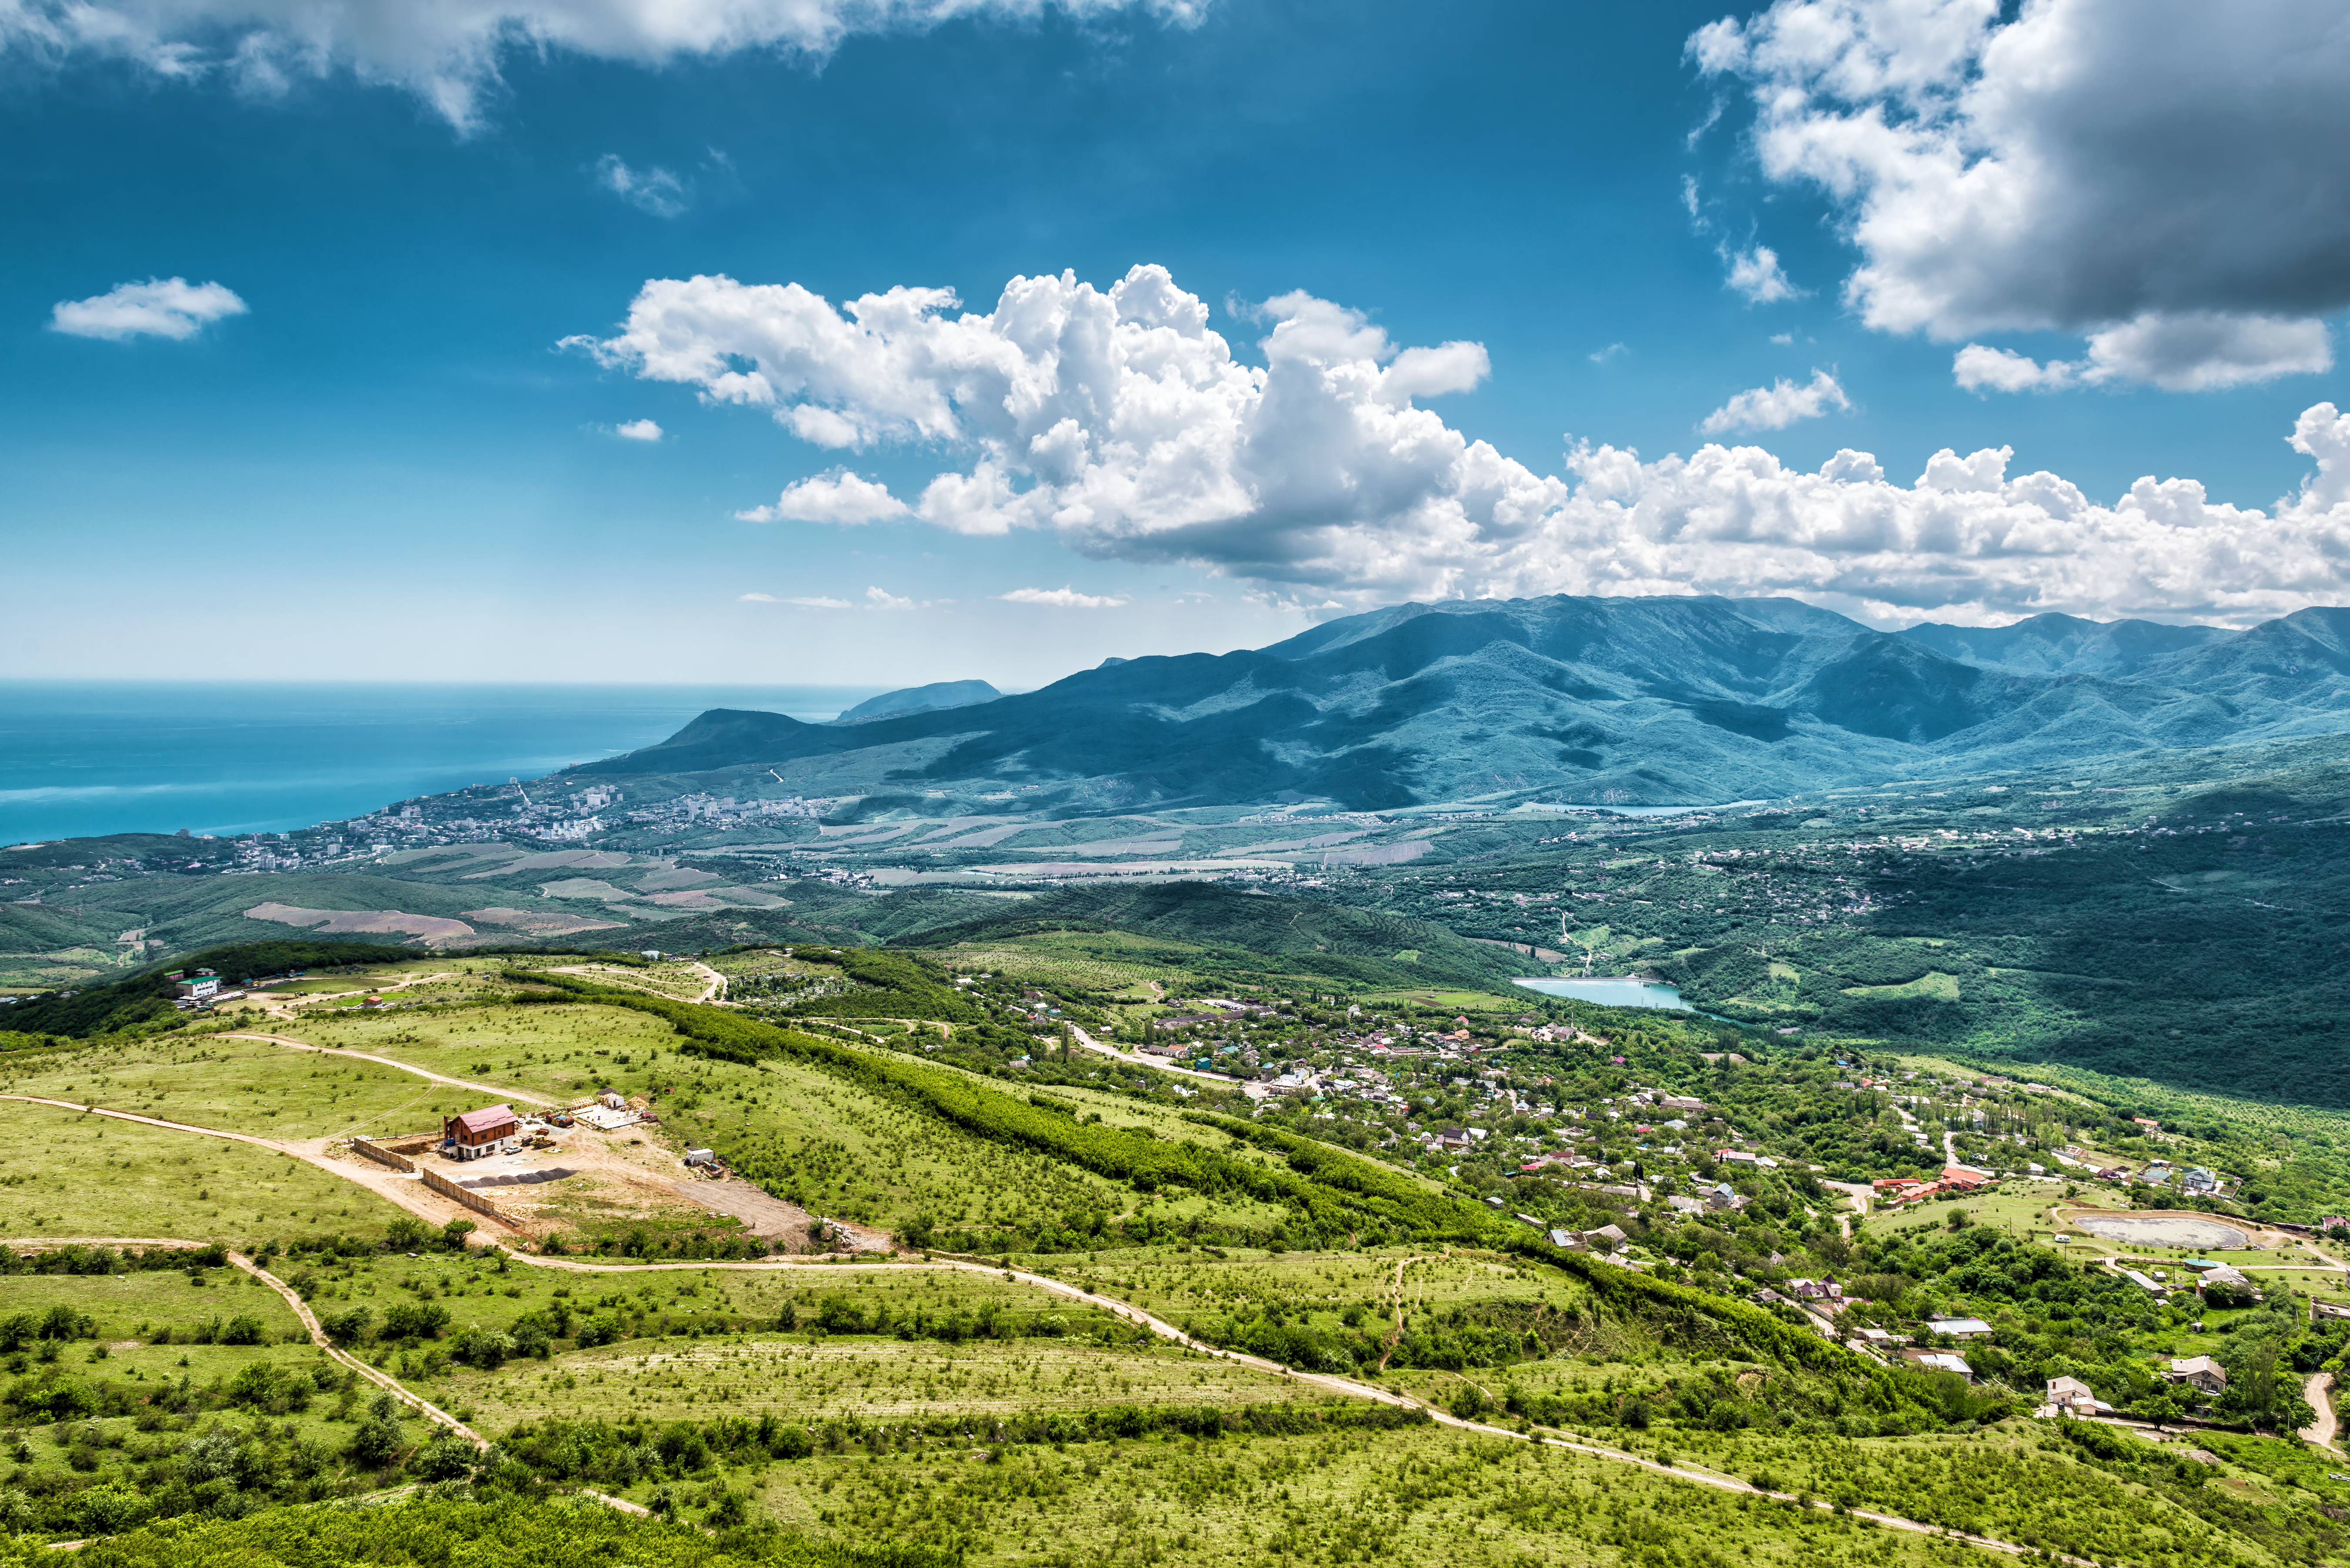 Вид с горы Демерджи на окрестности Алушты, Крым